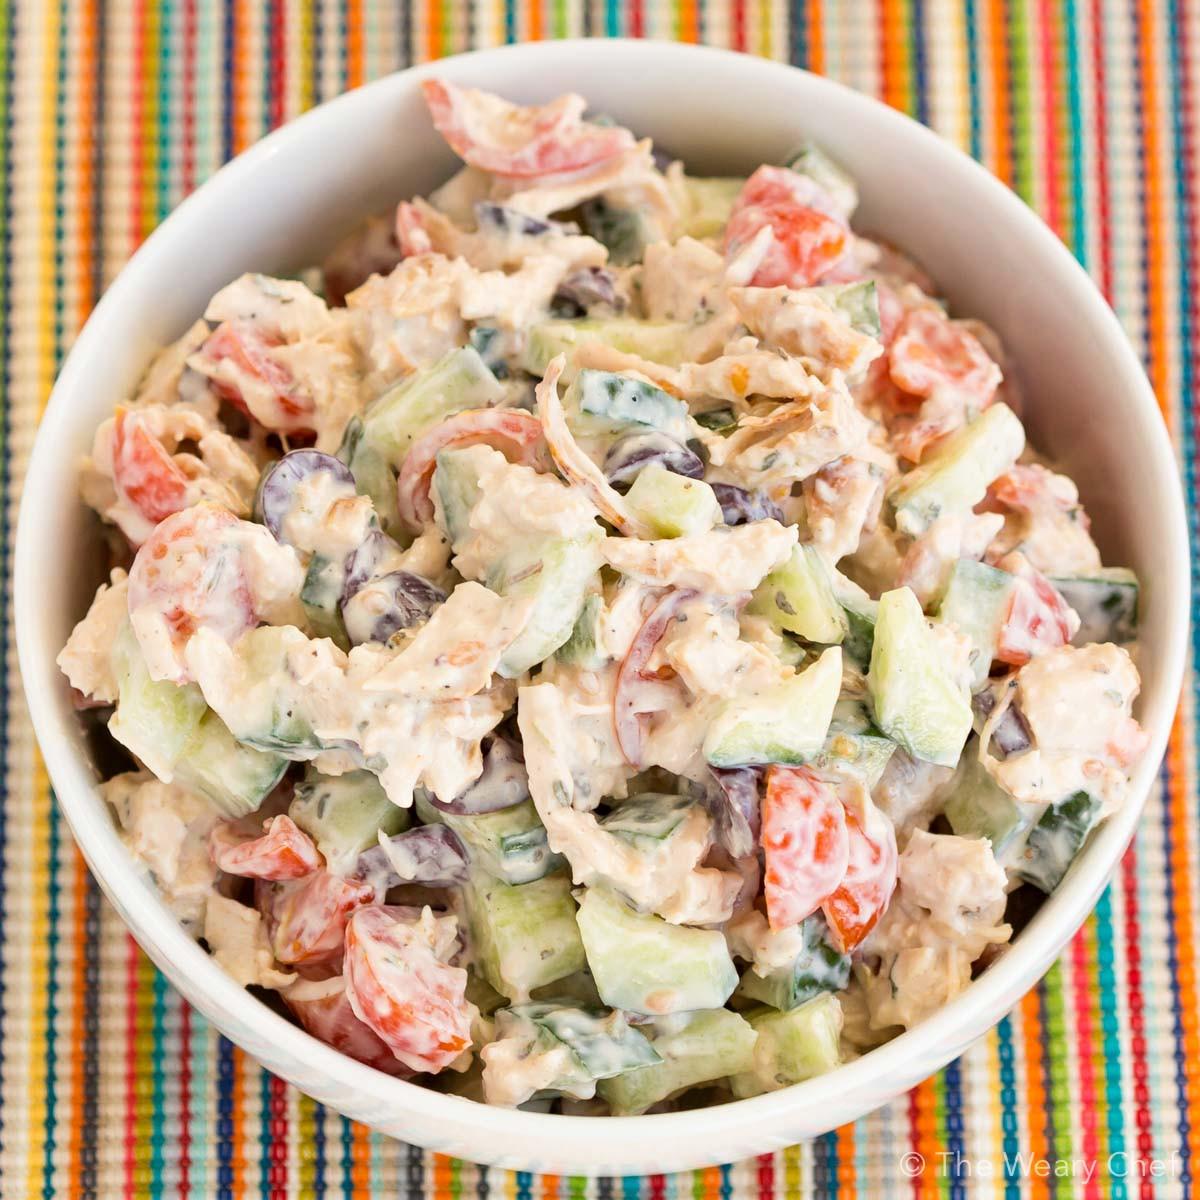 Simple Chicken Salad Recipe  easy chicken salad recipe